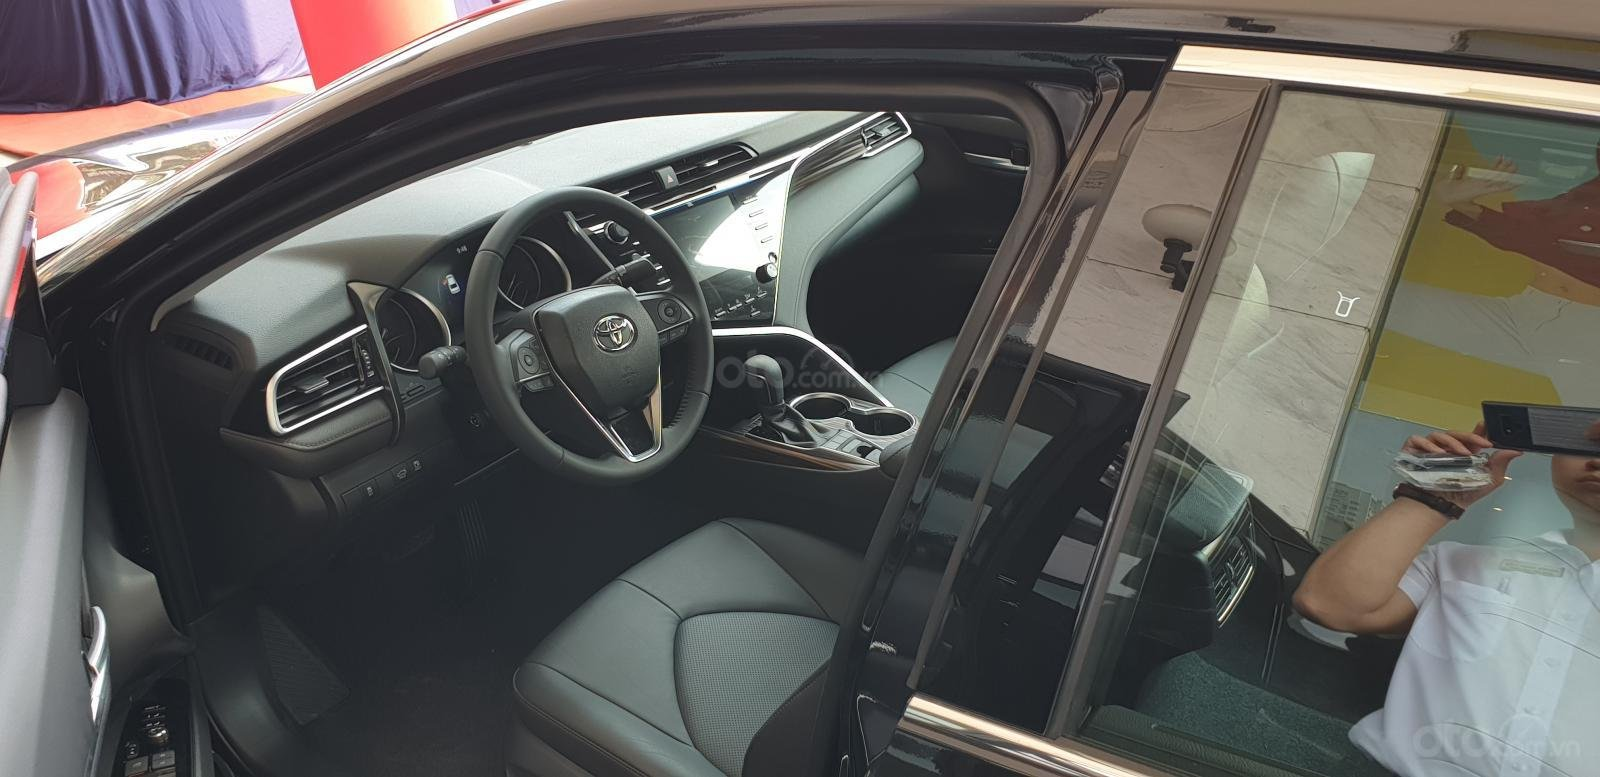 Bán Toyota Camry 2.5Q nhập khẩu giao ngay, giá tốt, liên hệ 0987404316 - 0355283111-3